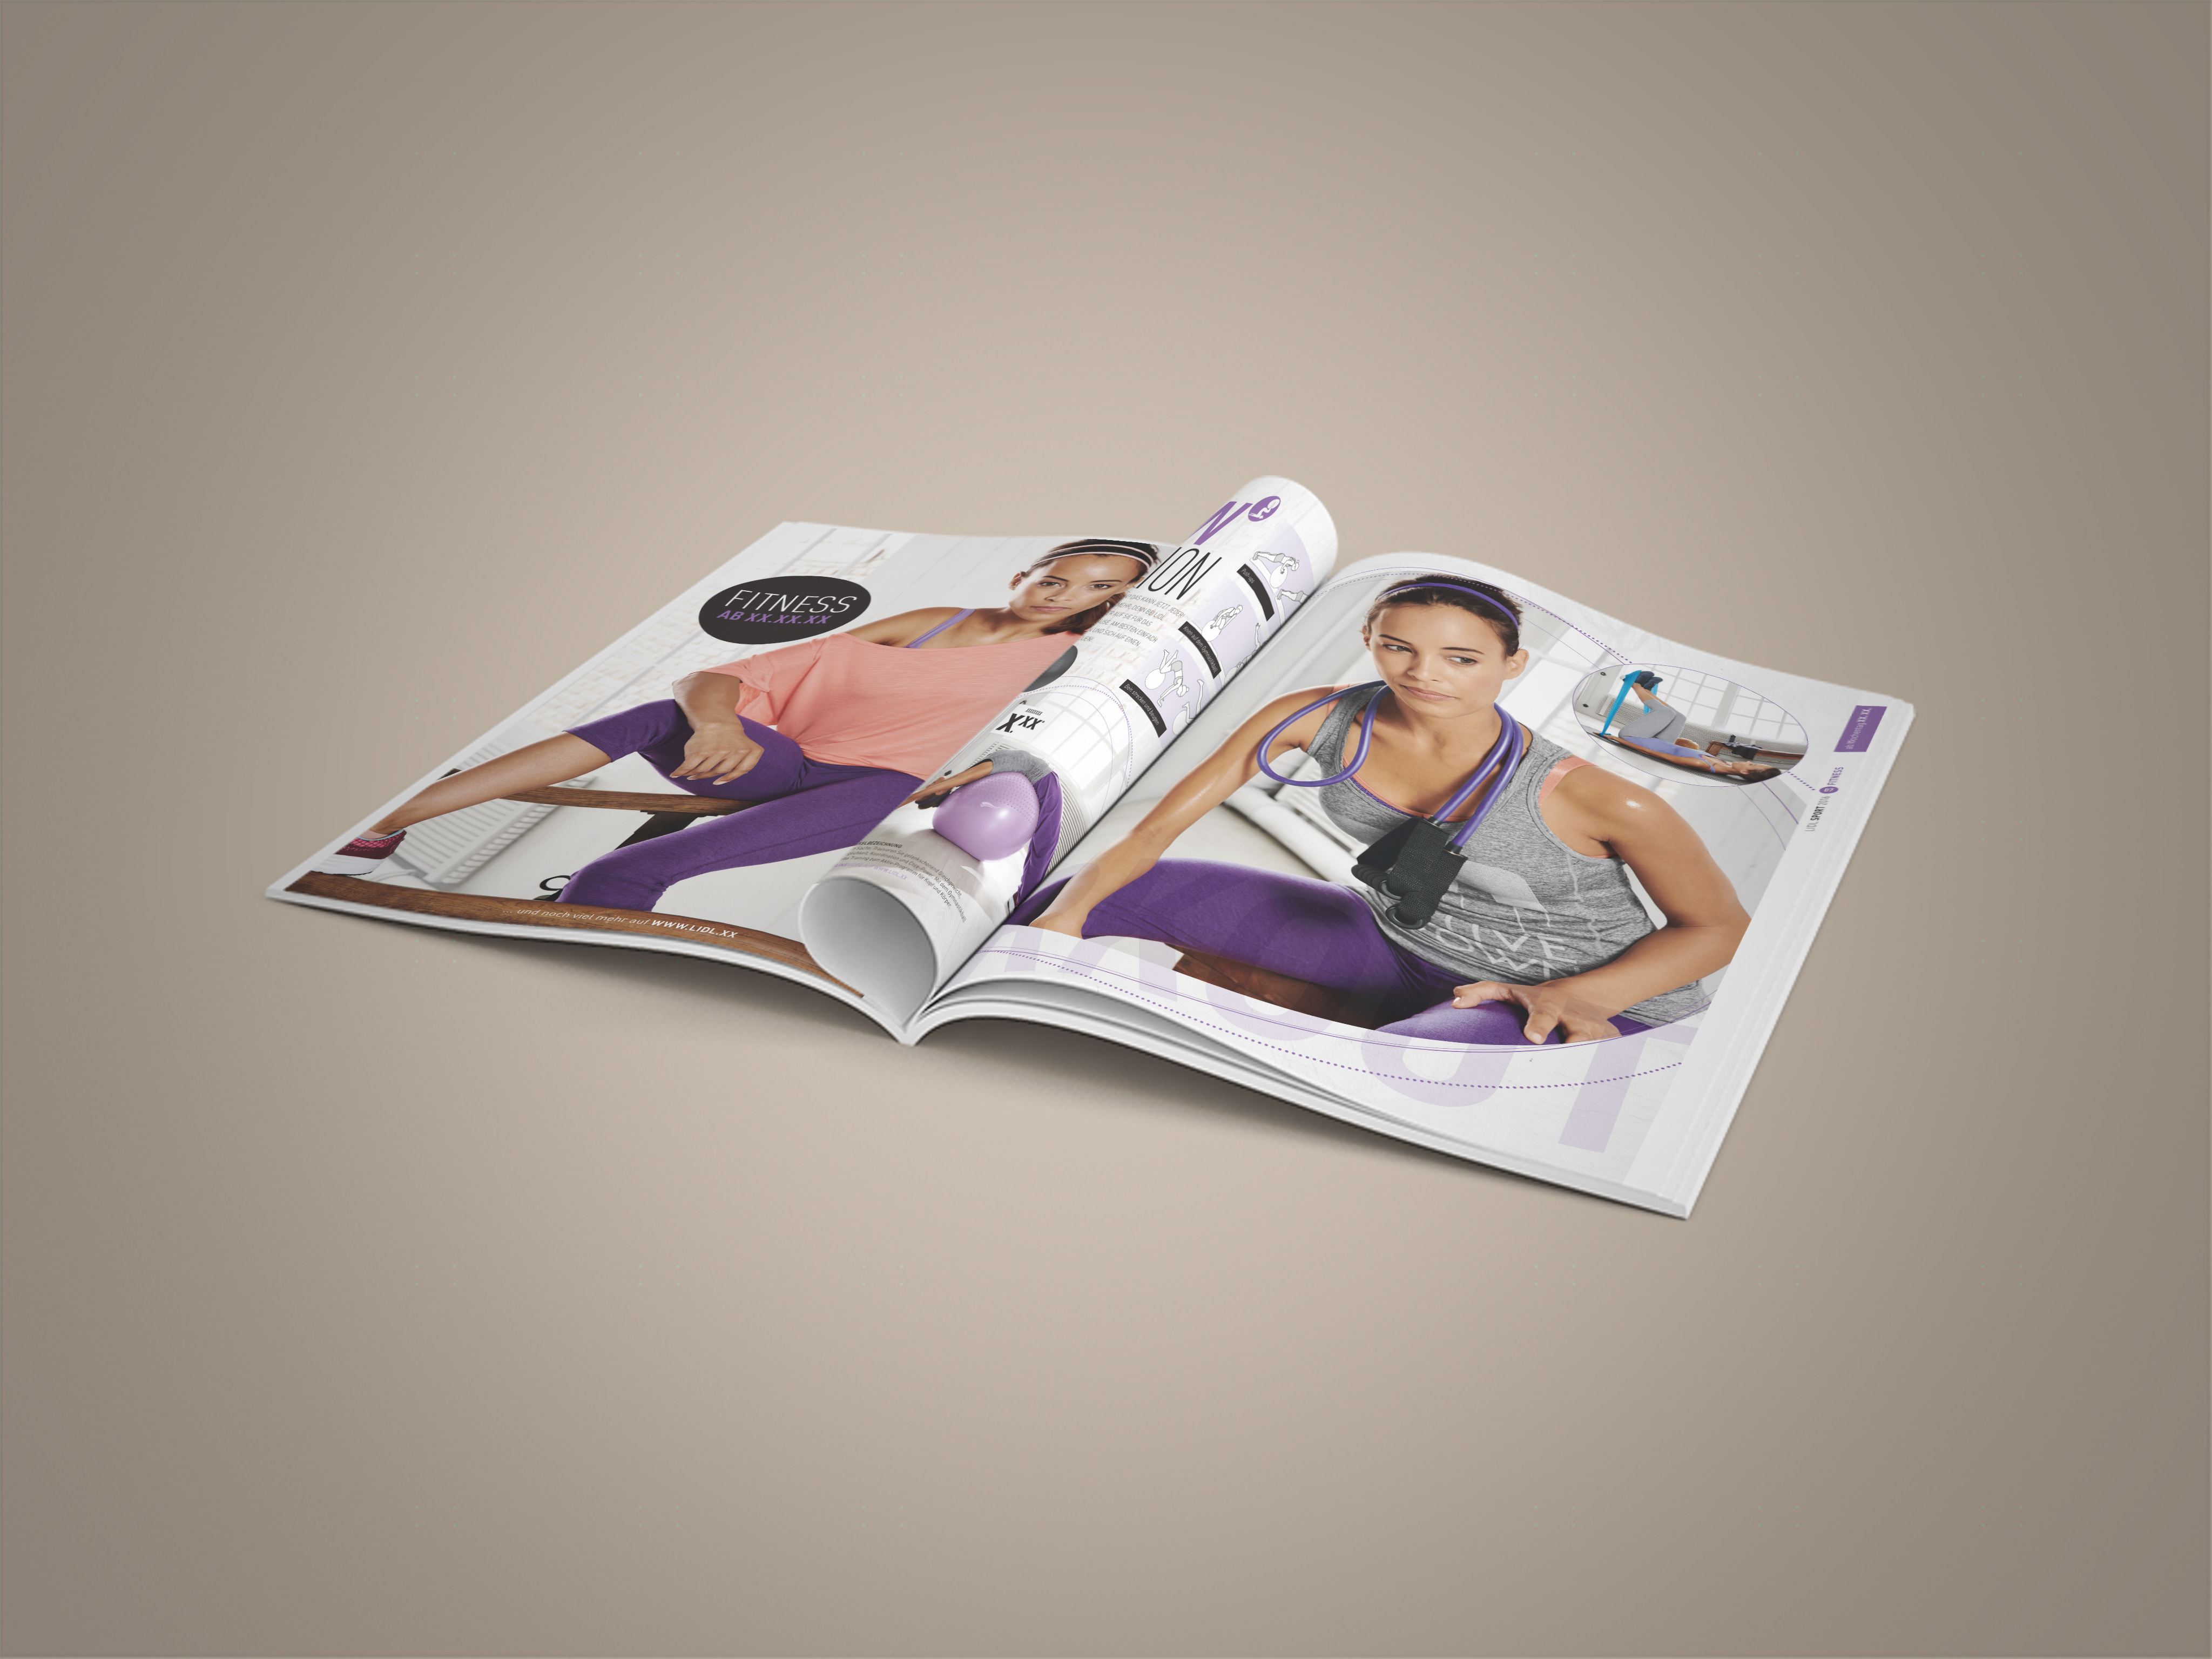 LIDL Fitness Doppelseite